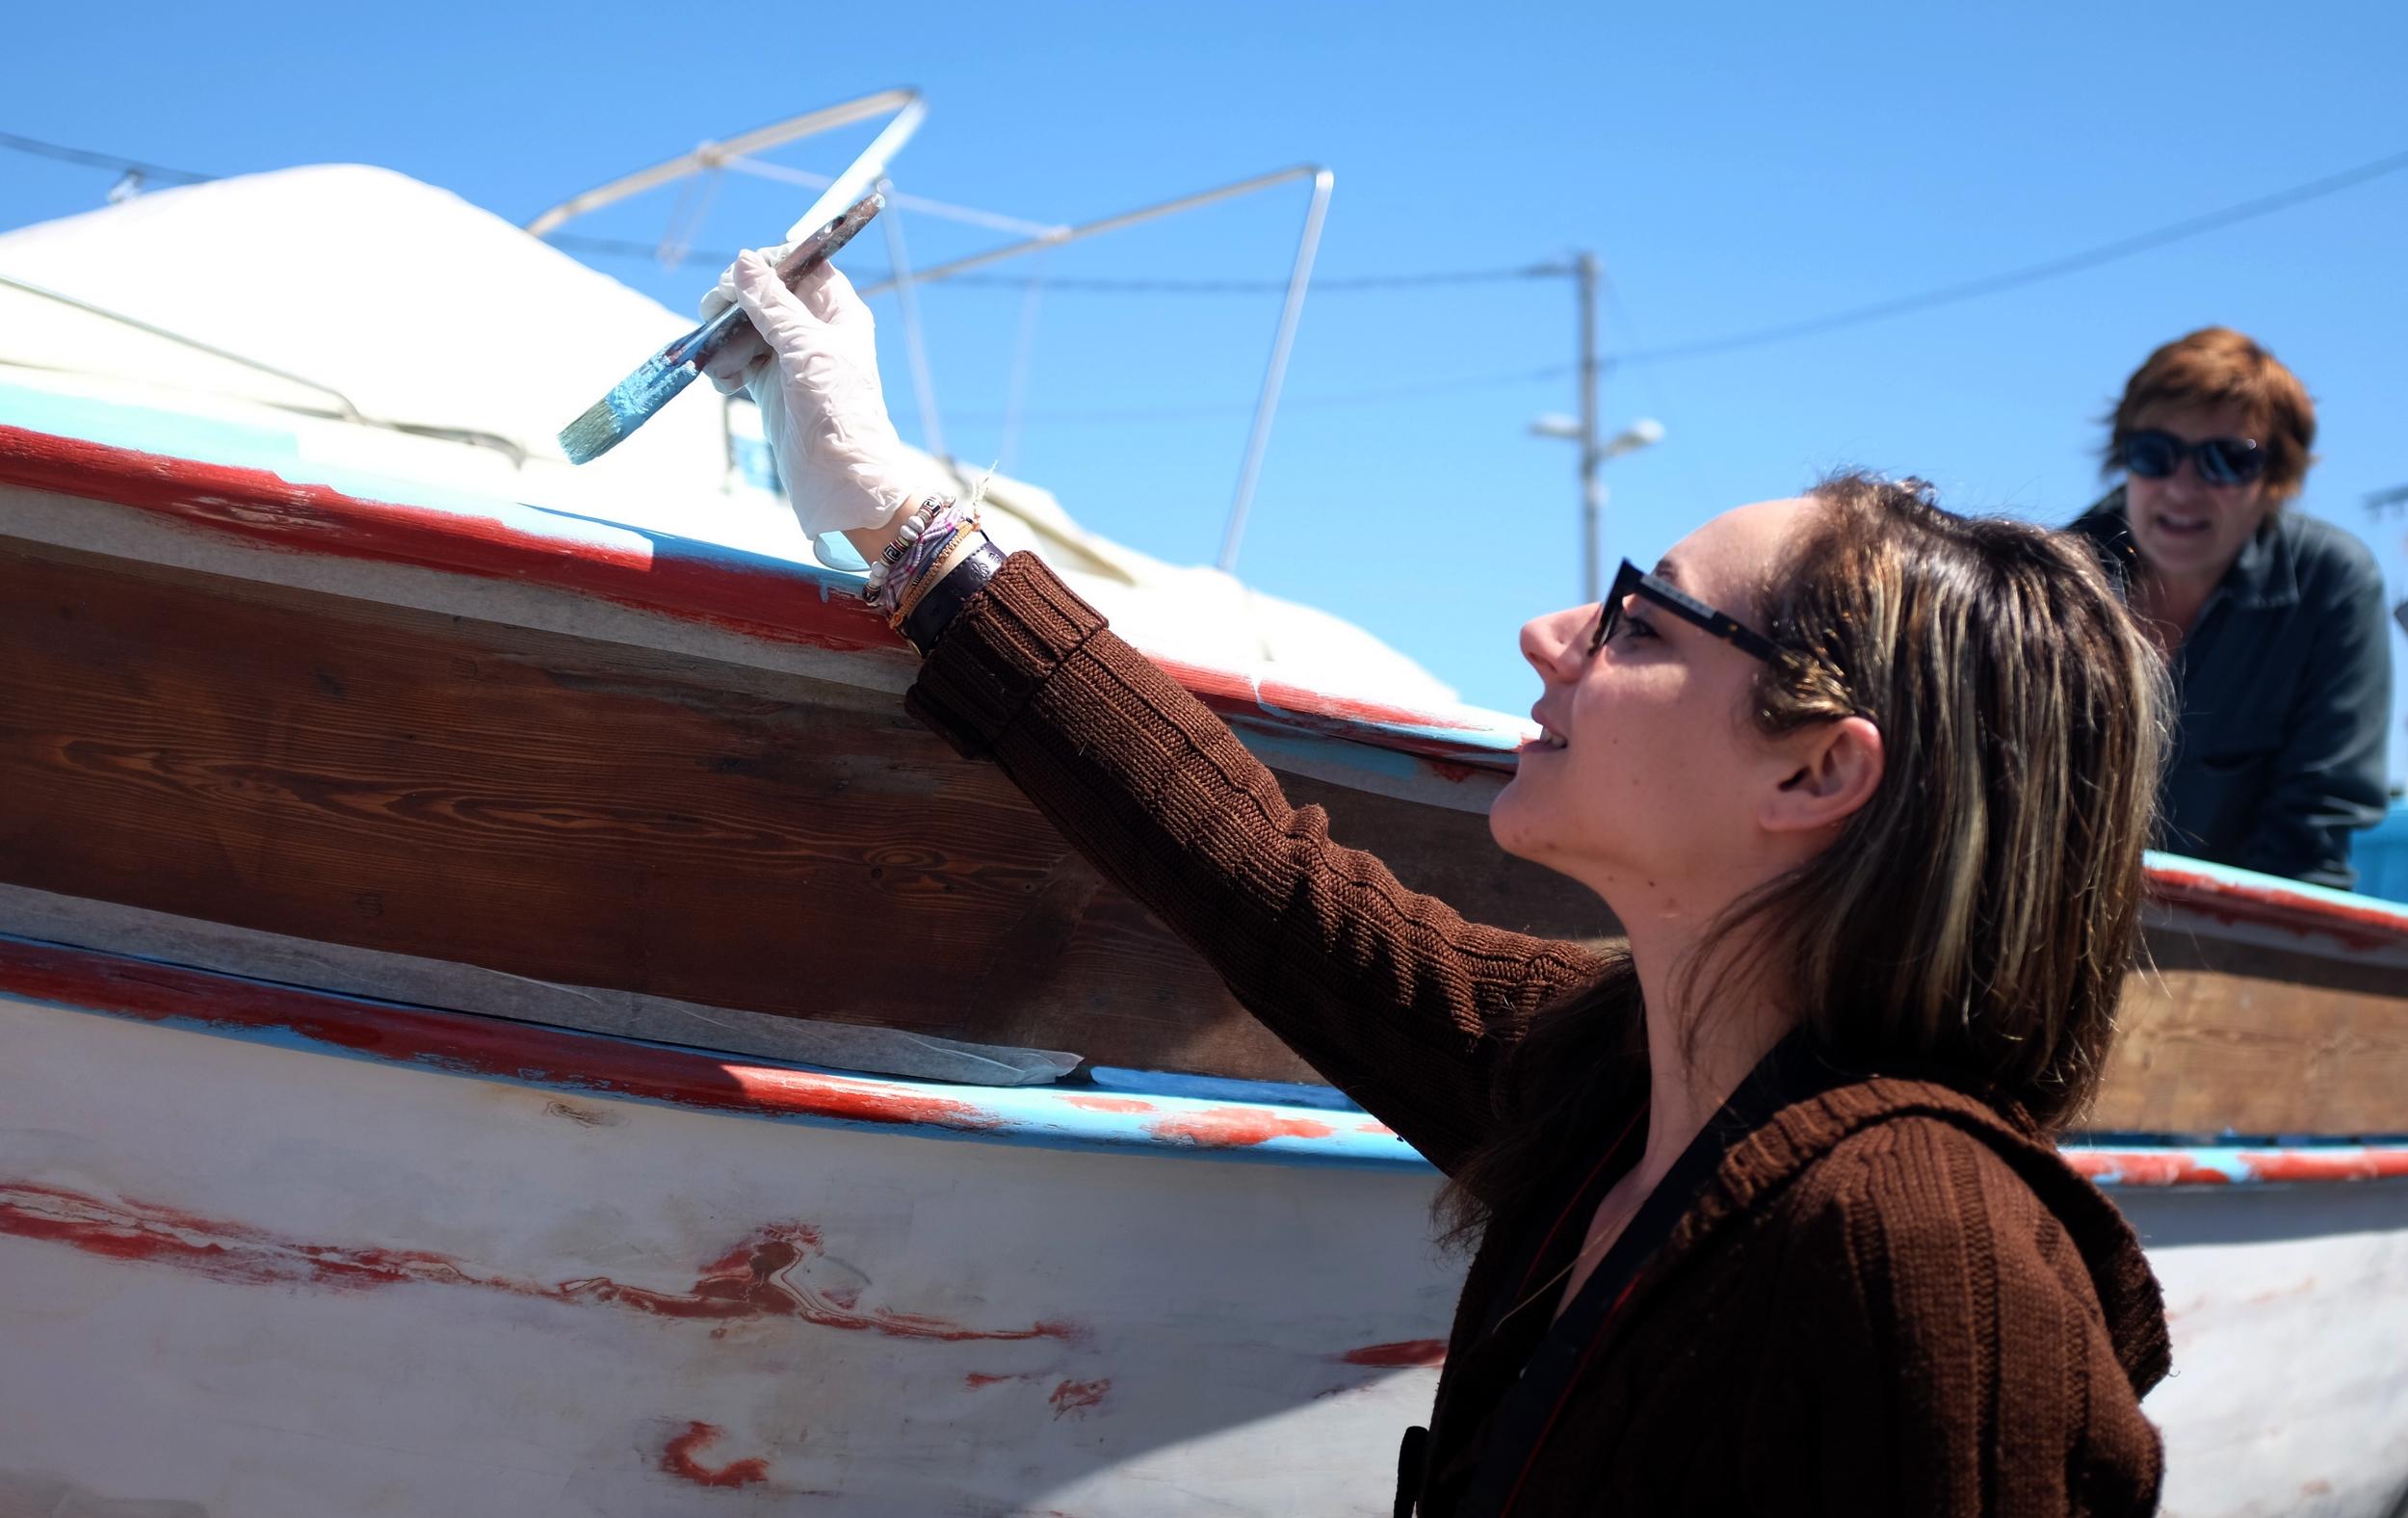 Un coup de main aux bénévoles de Boud'mer. ©Sabine Tostain